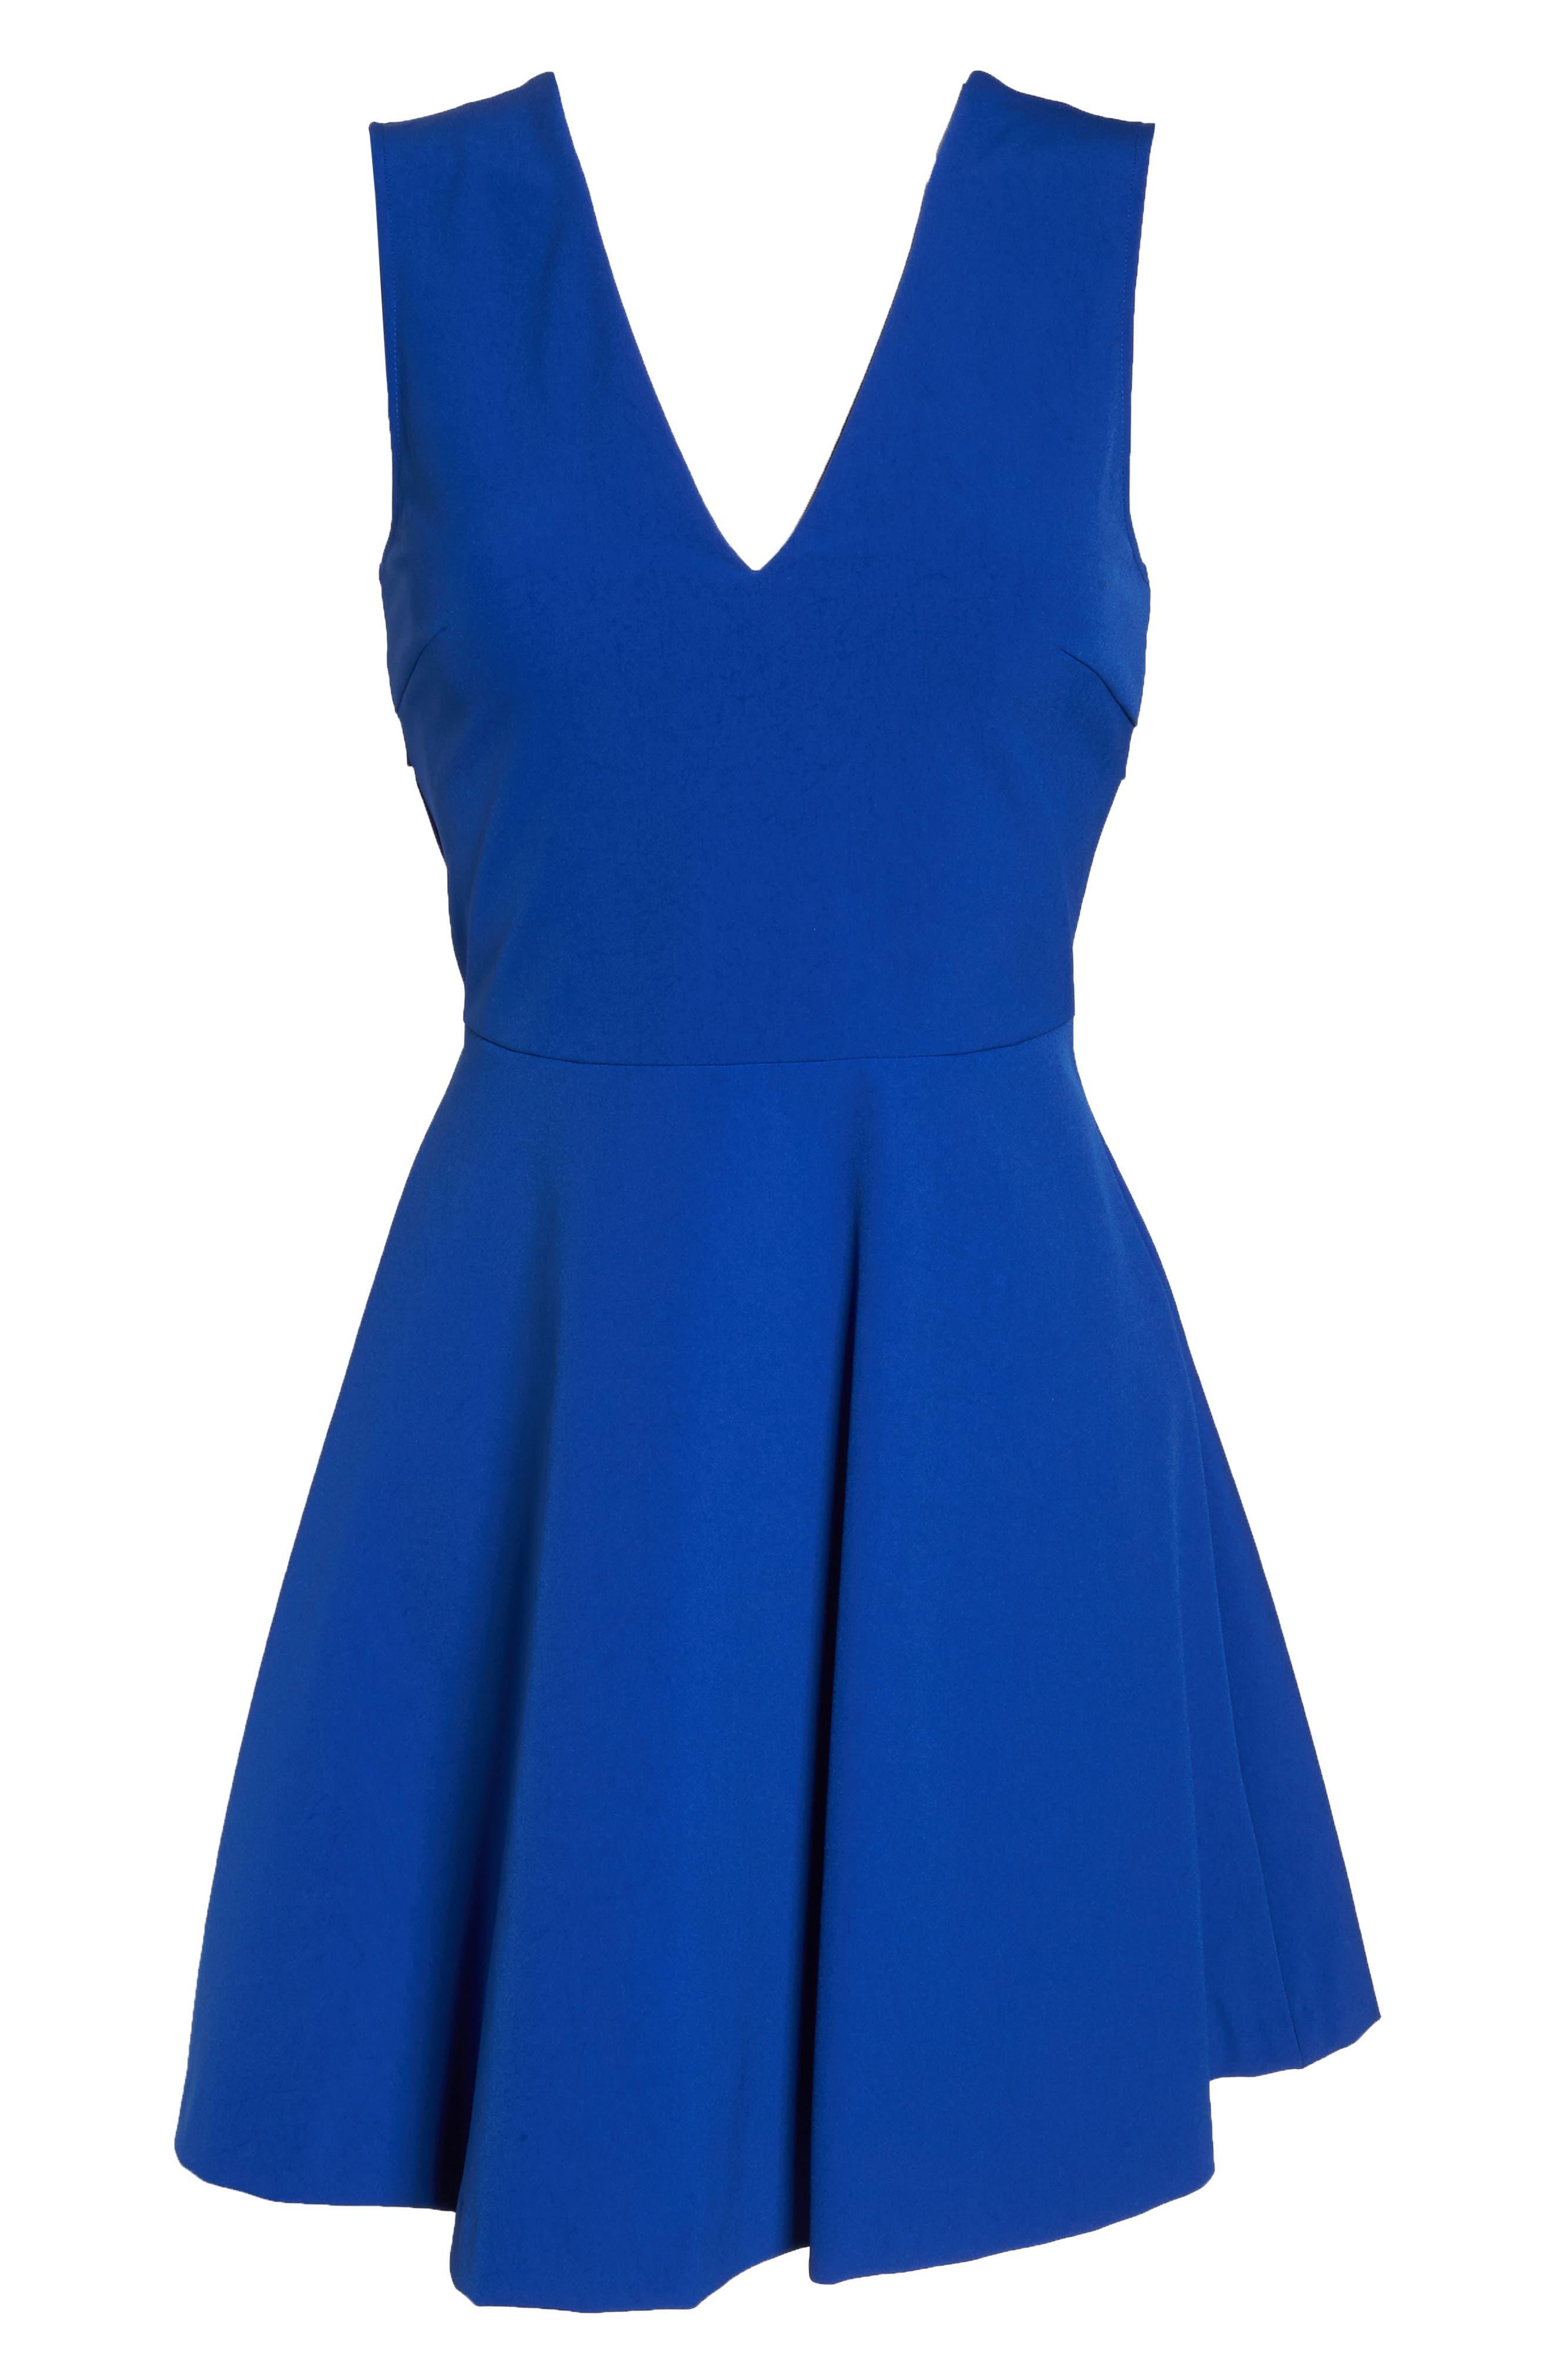 Bianca Back Cutout Fit & Flare Dress,                             Alternate thumbnail 8, color,                             COBALT